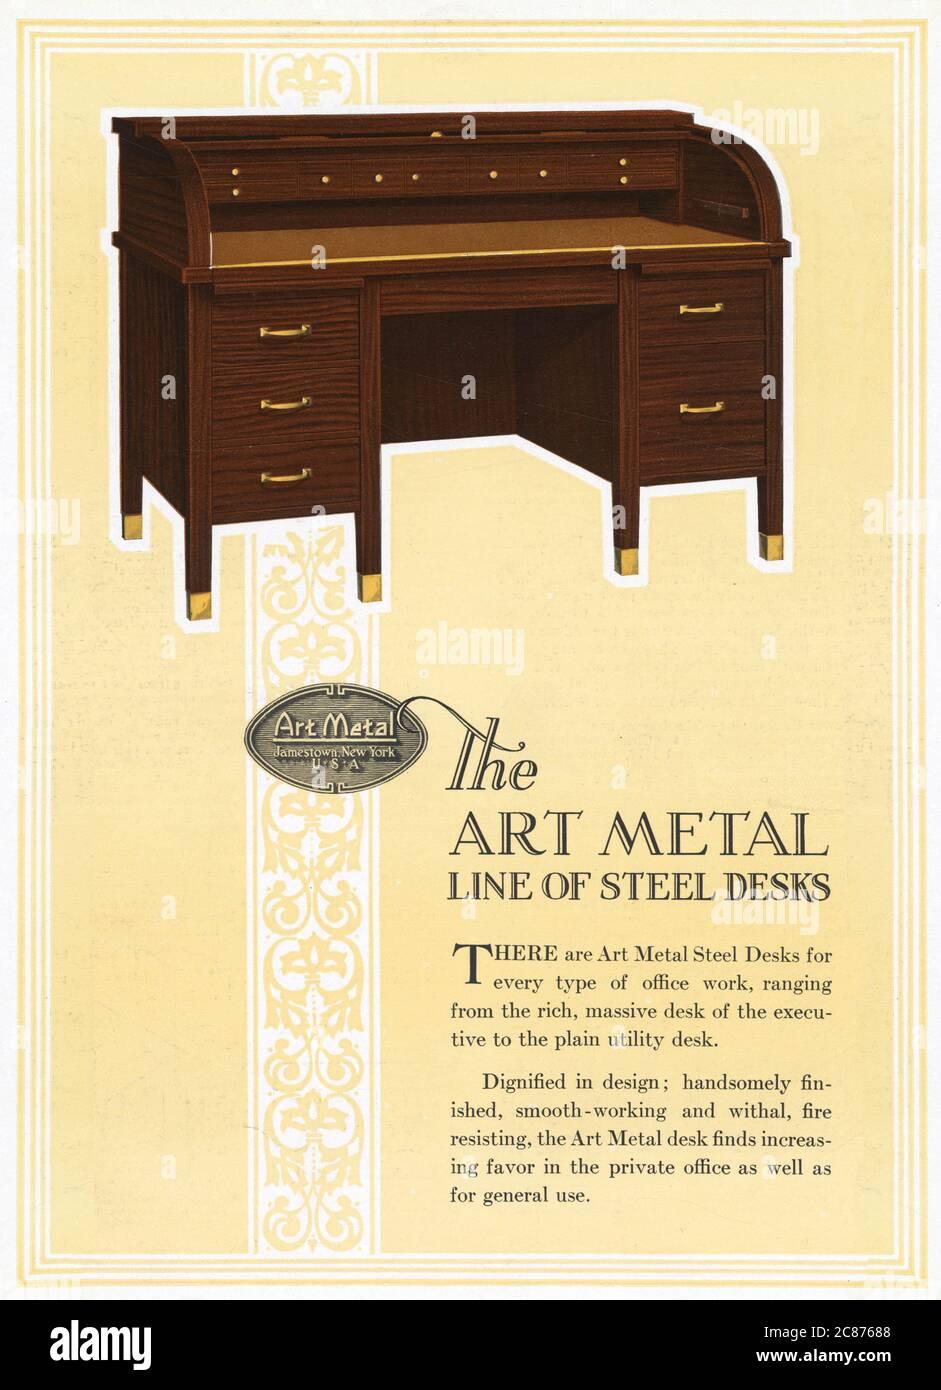 Art Metal Steel Office Equipment, Jamestown, New York, EE.UU. - la línea de Arte Metal de escritorios de acero, visto aquí con acabado de caoba. Desde el escritorio rico y masivo del ejecutivo hasta el escritorio de servicio. Fecha: 1926 Foto de stock